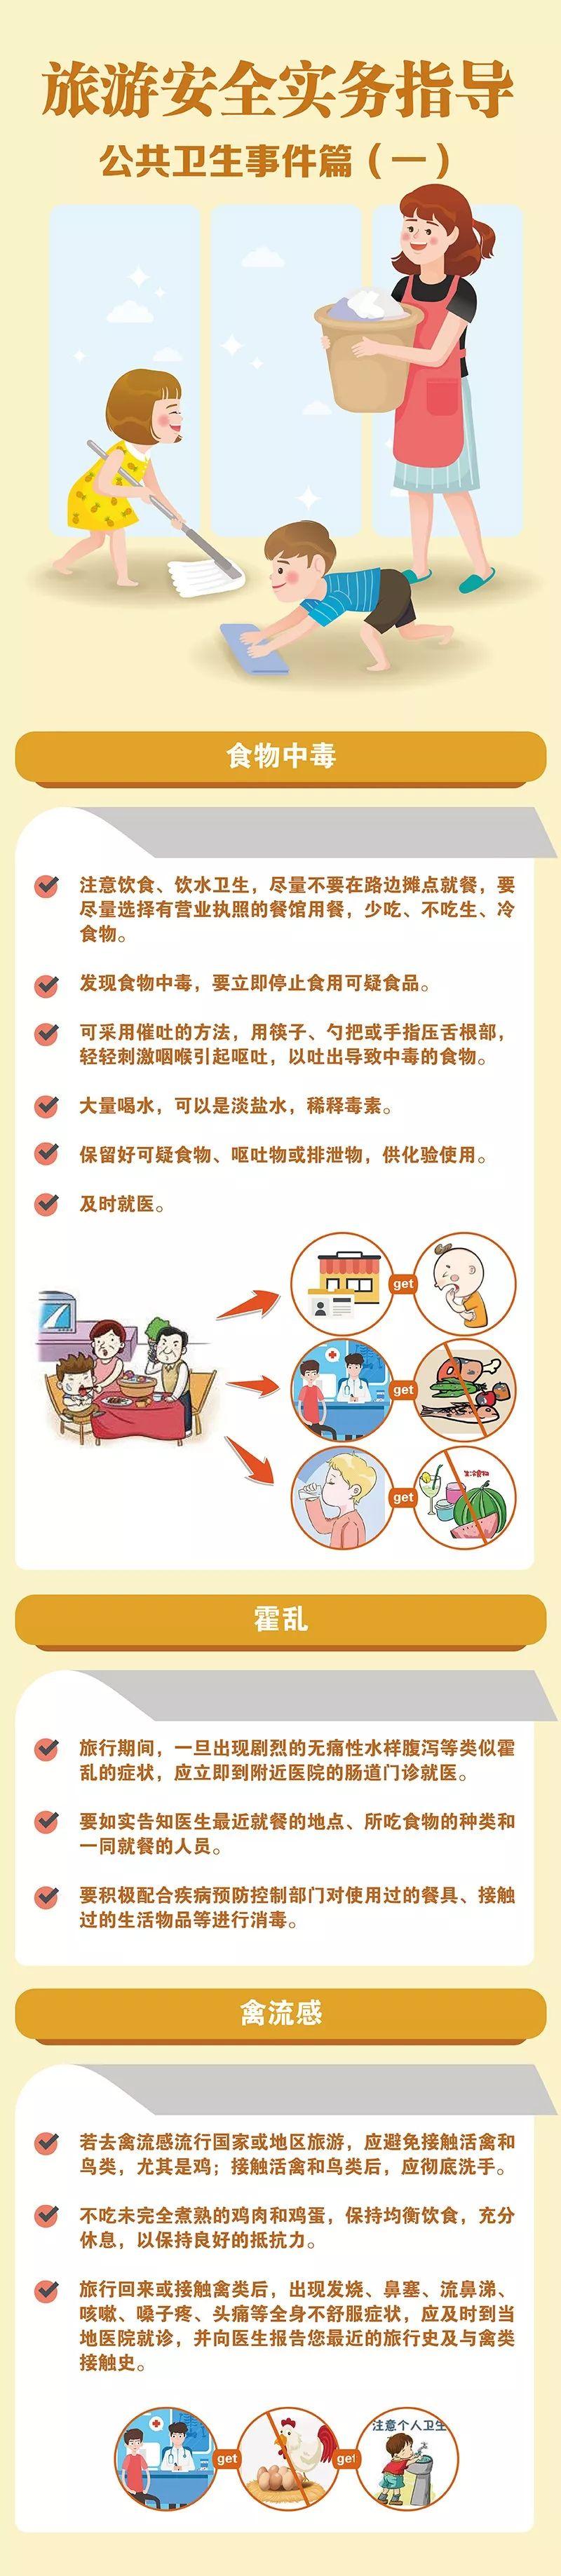 旅游安全实务指导|公共卫生事件篇(一)